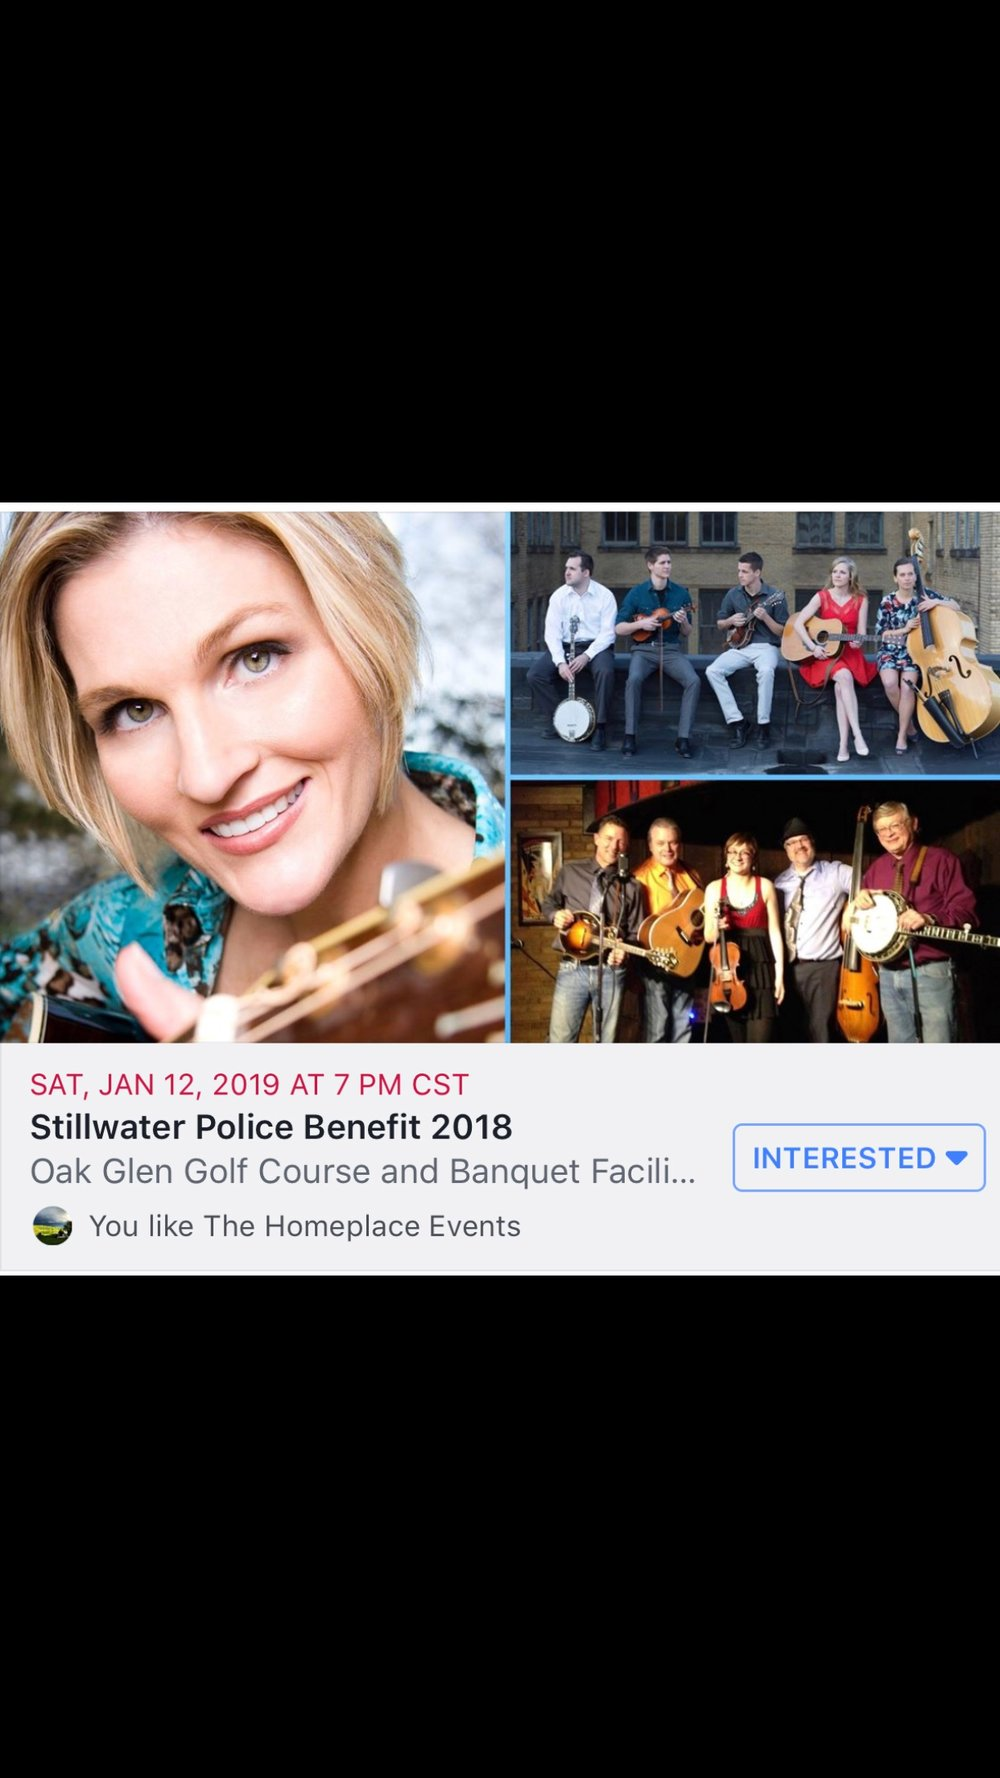 police fundraiser image.jpg